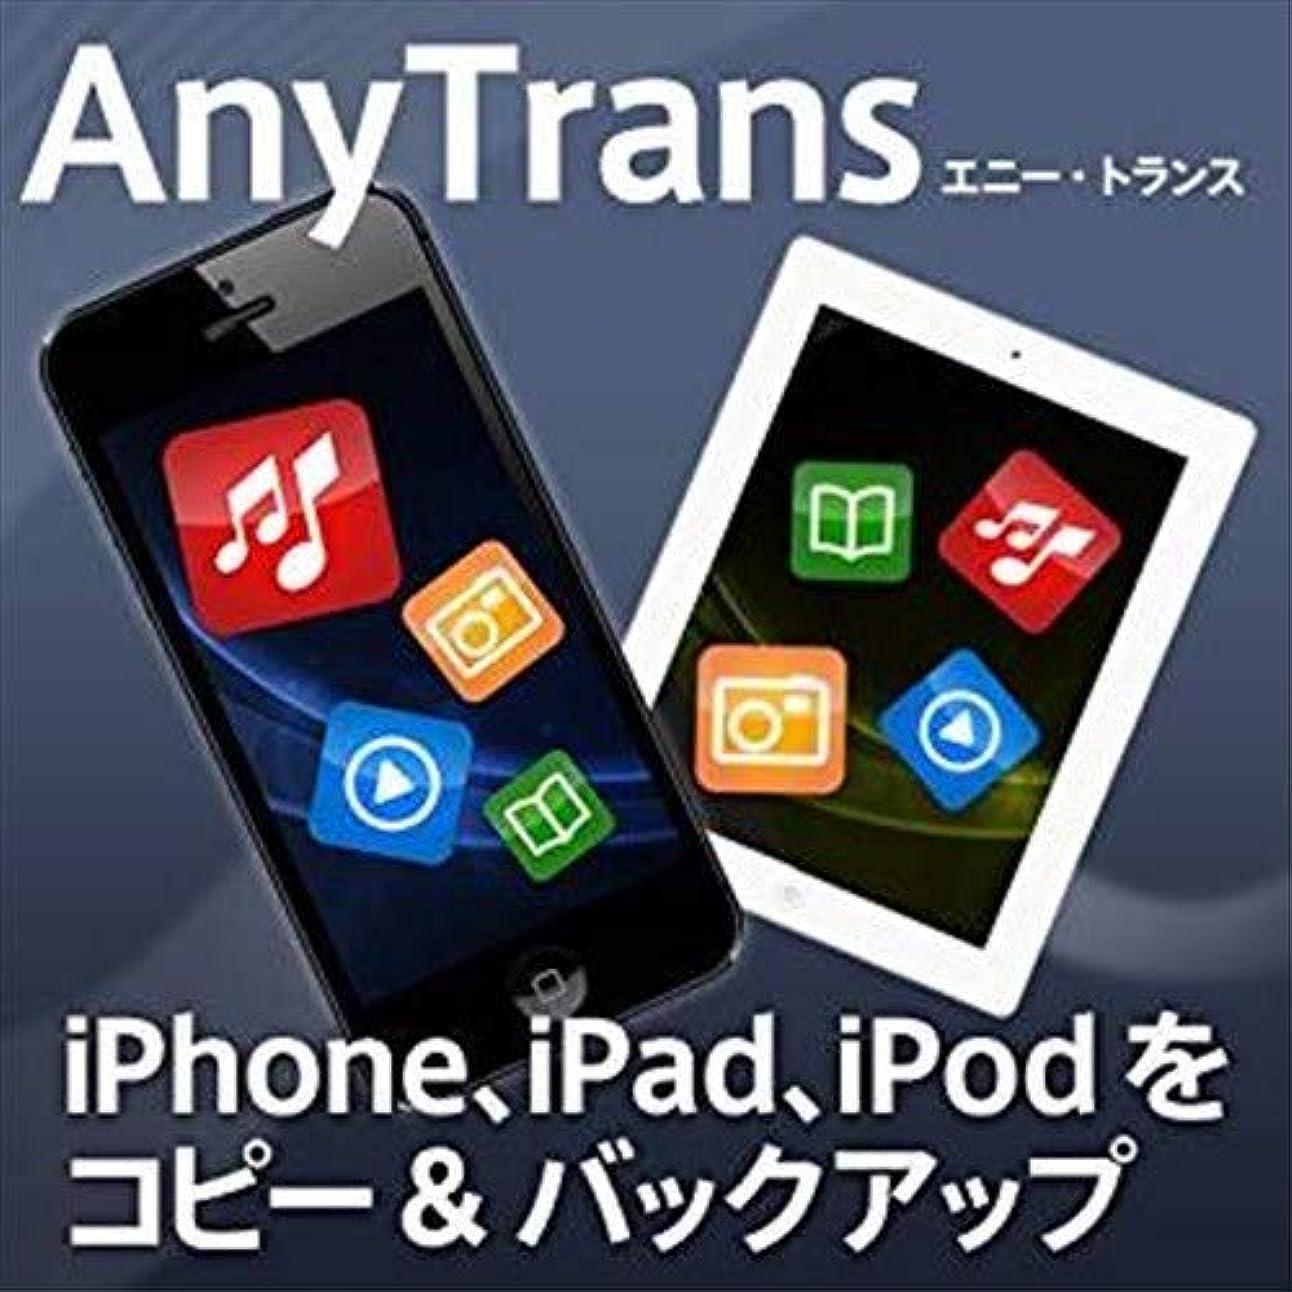 シチリア膨張するテクニカル【体験版】 AnyTrans 7 for Win 【iPhoneとパソコンの間で音楽、動画、写真を転送/iTunesで廃止された機能を補完/新機種へのデータ引っ越しに】